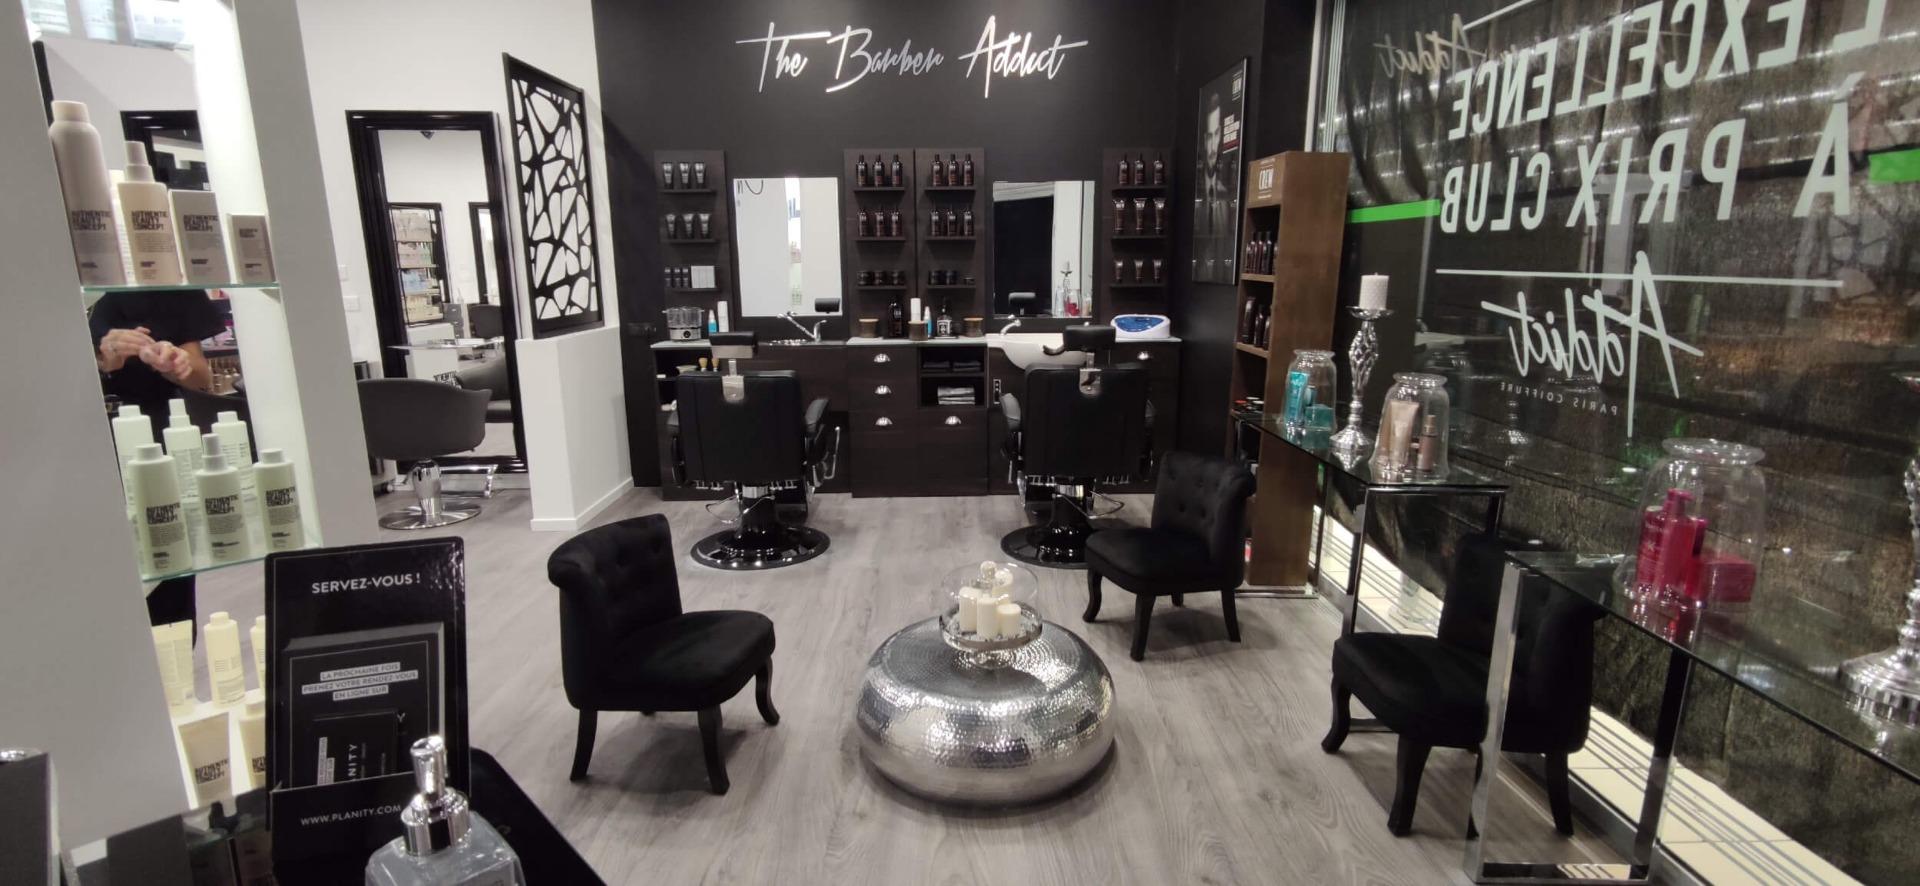 Salon de coiffure Addict Paris à Mâcon